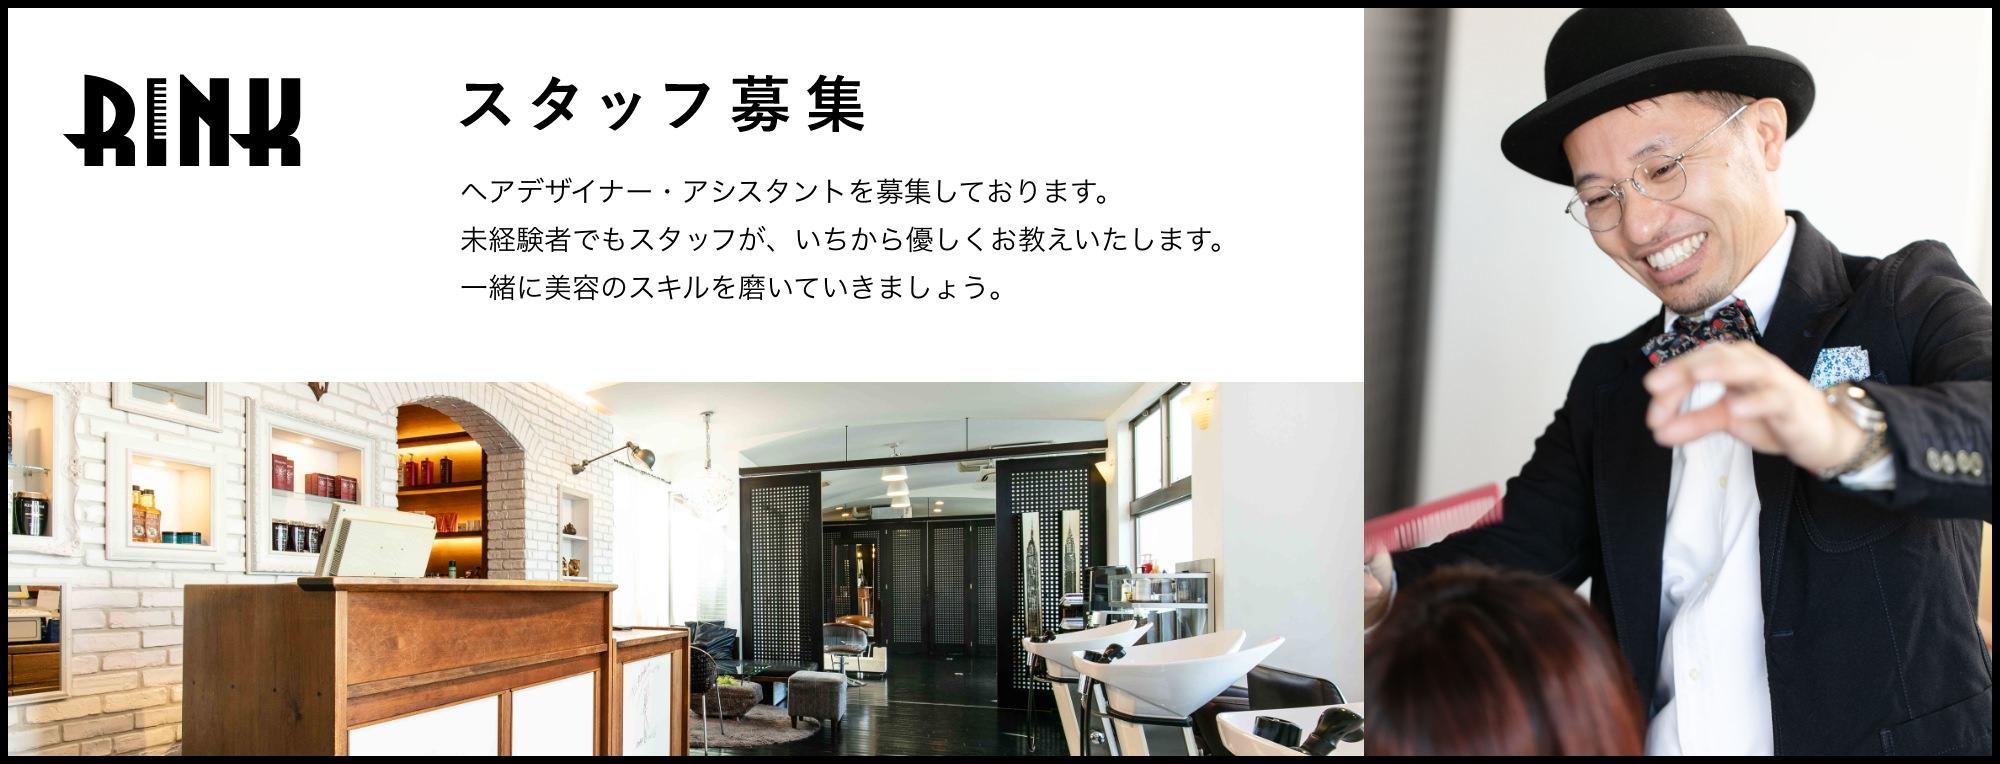 岐阜市の美容室 RINK